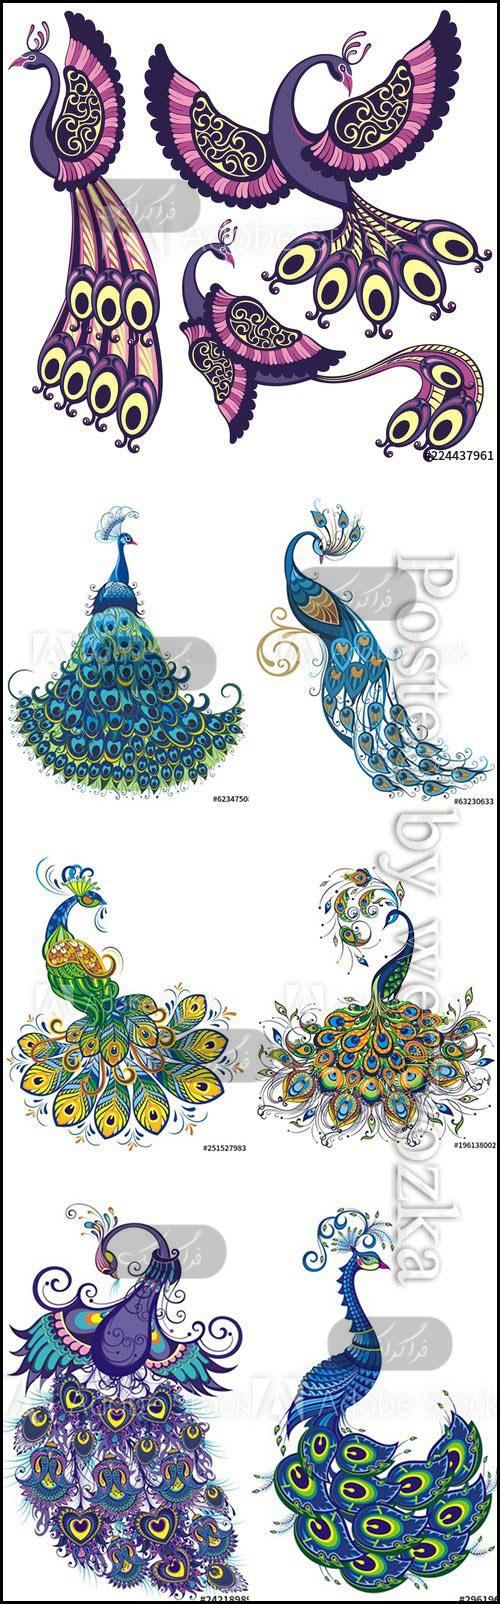 دانلود وکتور های طاووس هنری